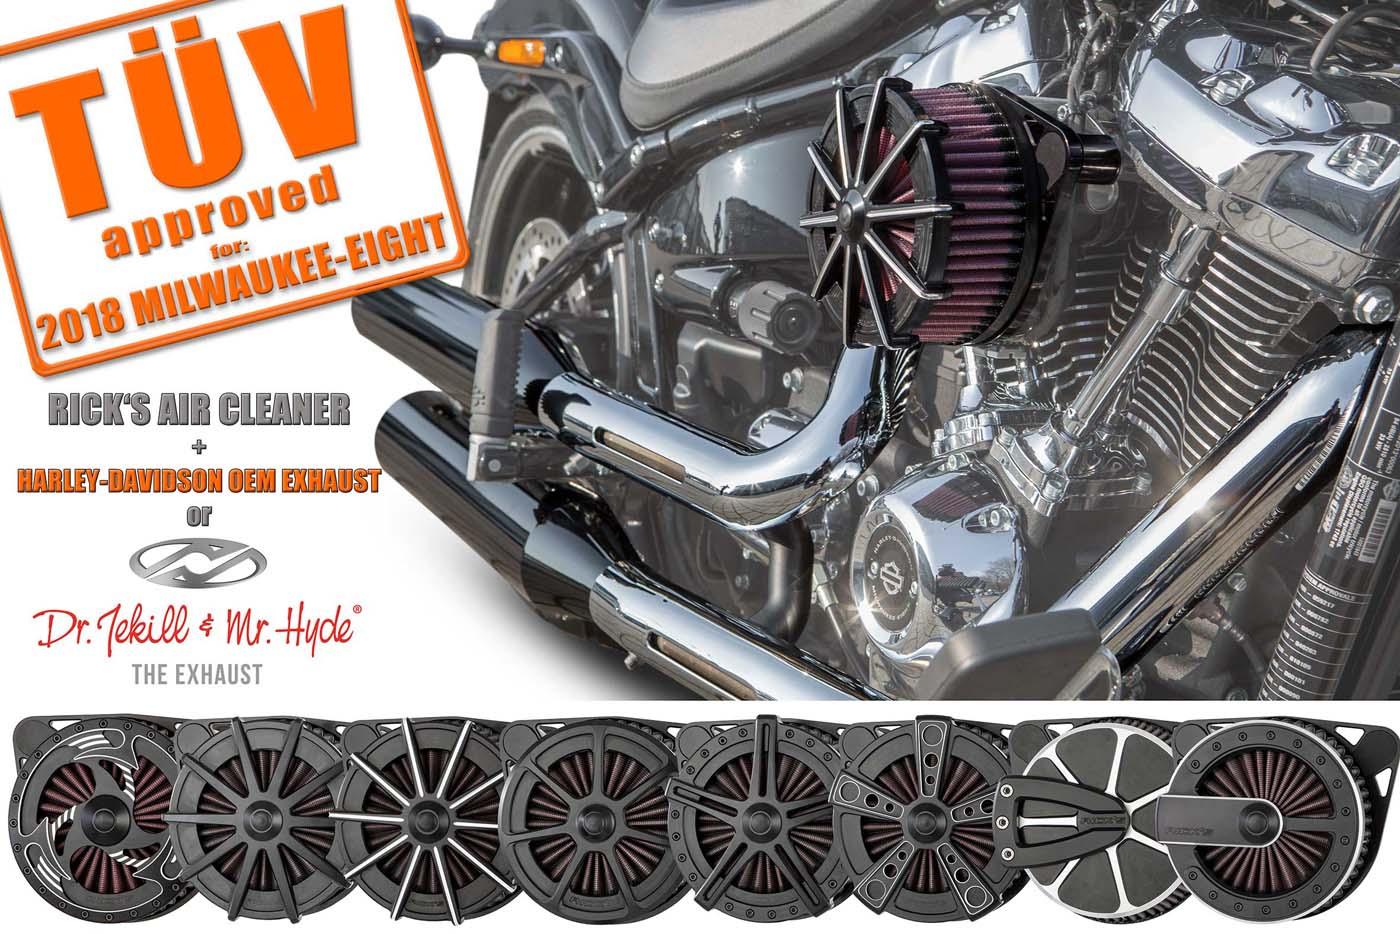 Rick's Luftfilter für 2018er Modelle mit TÜV